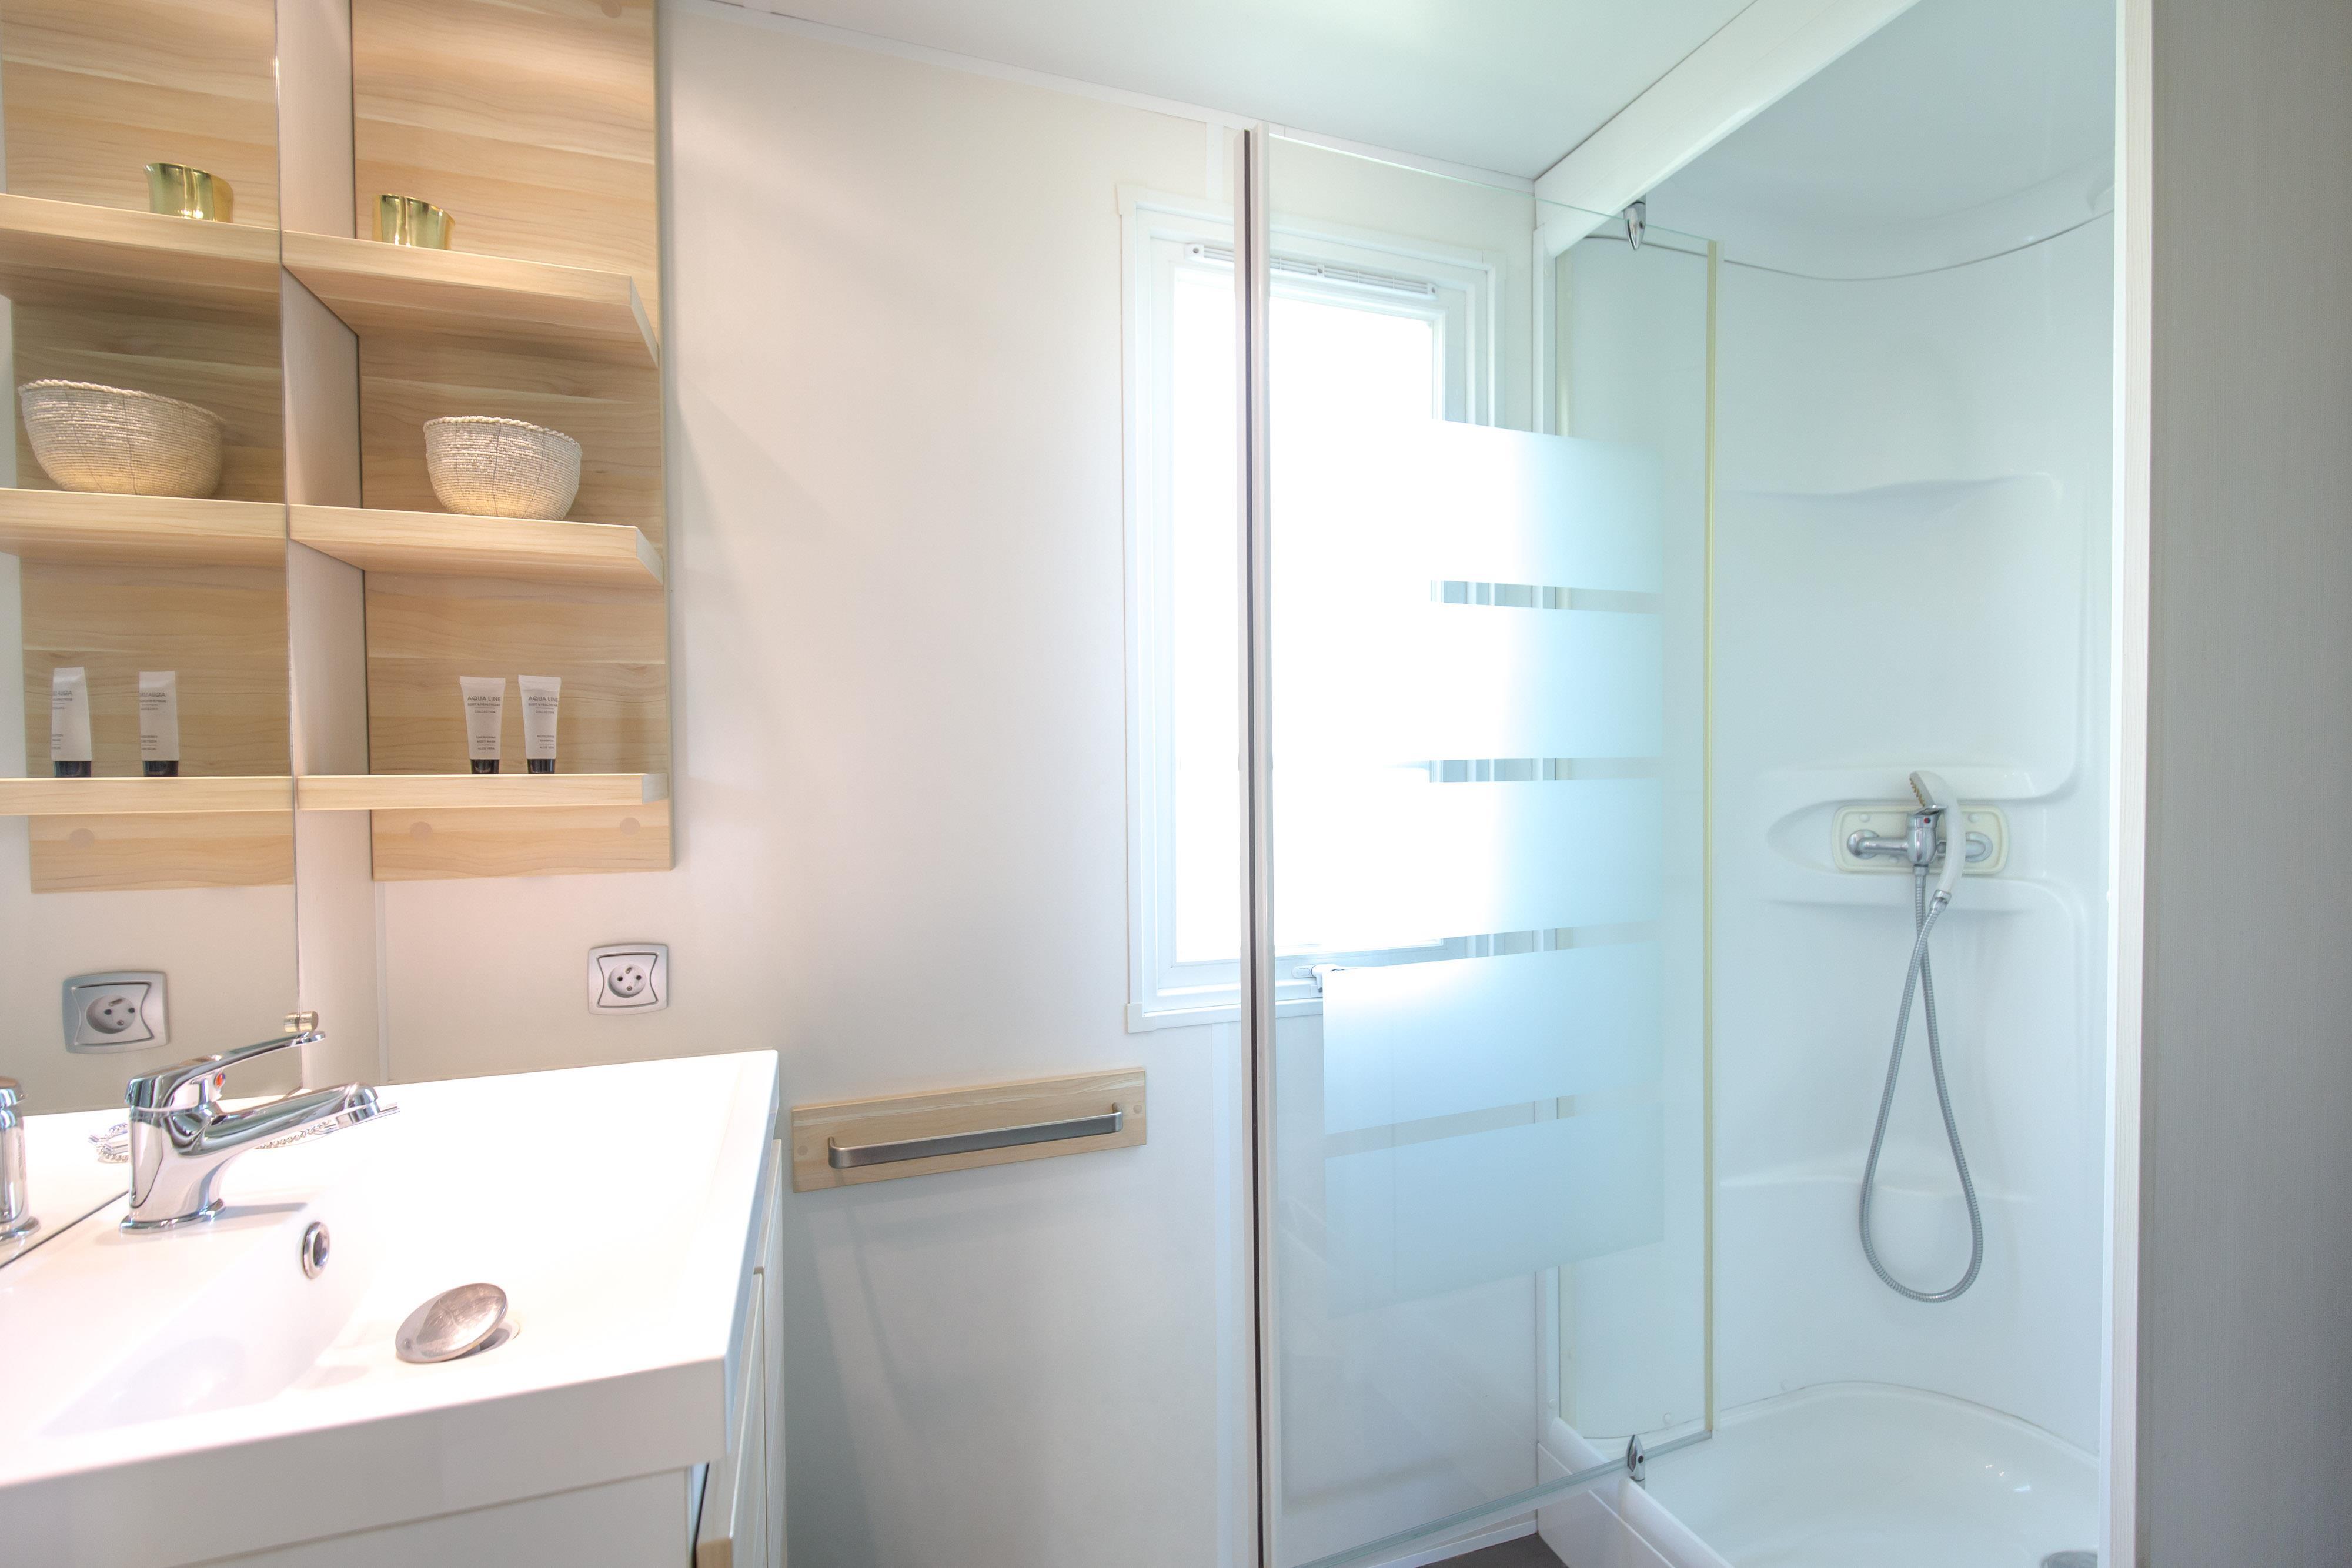 Location - Mini Suite Confort - Esterel Caravaning